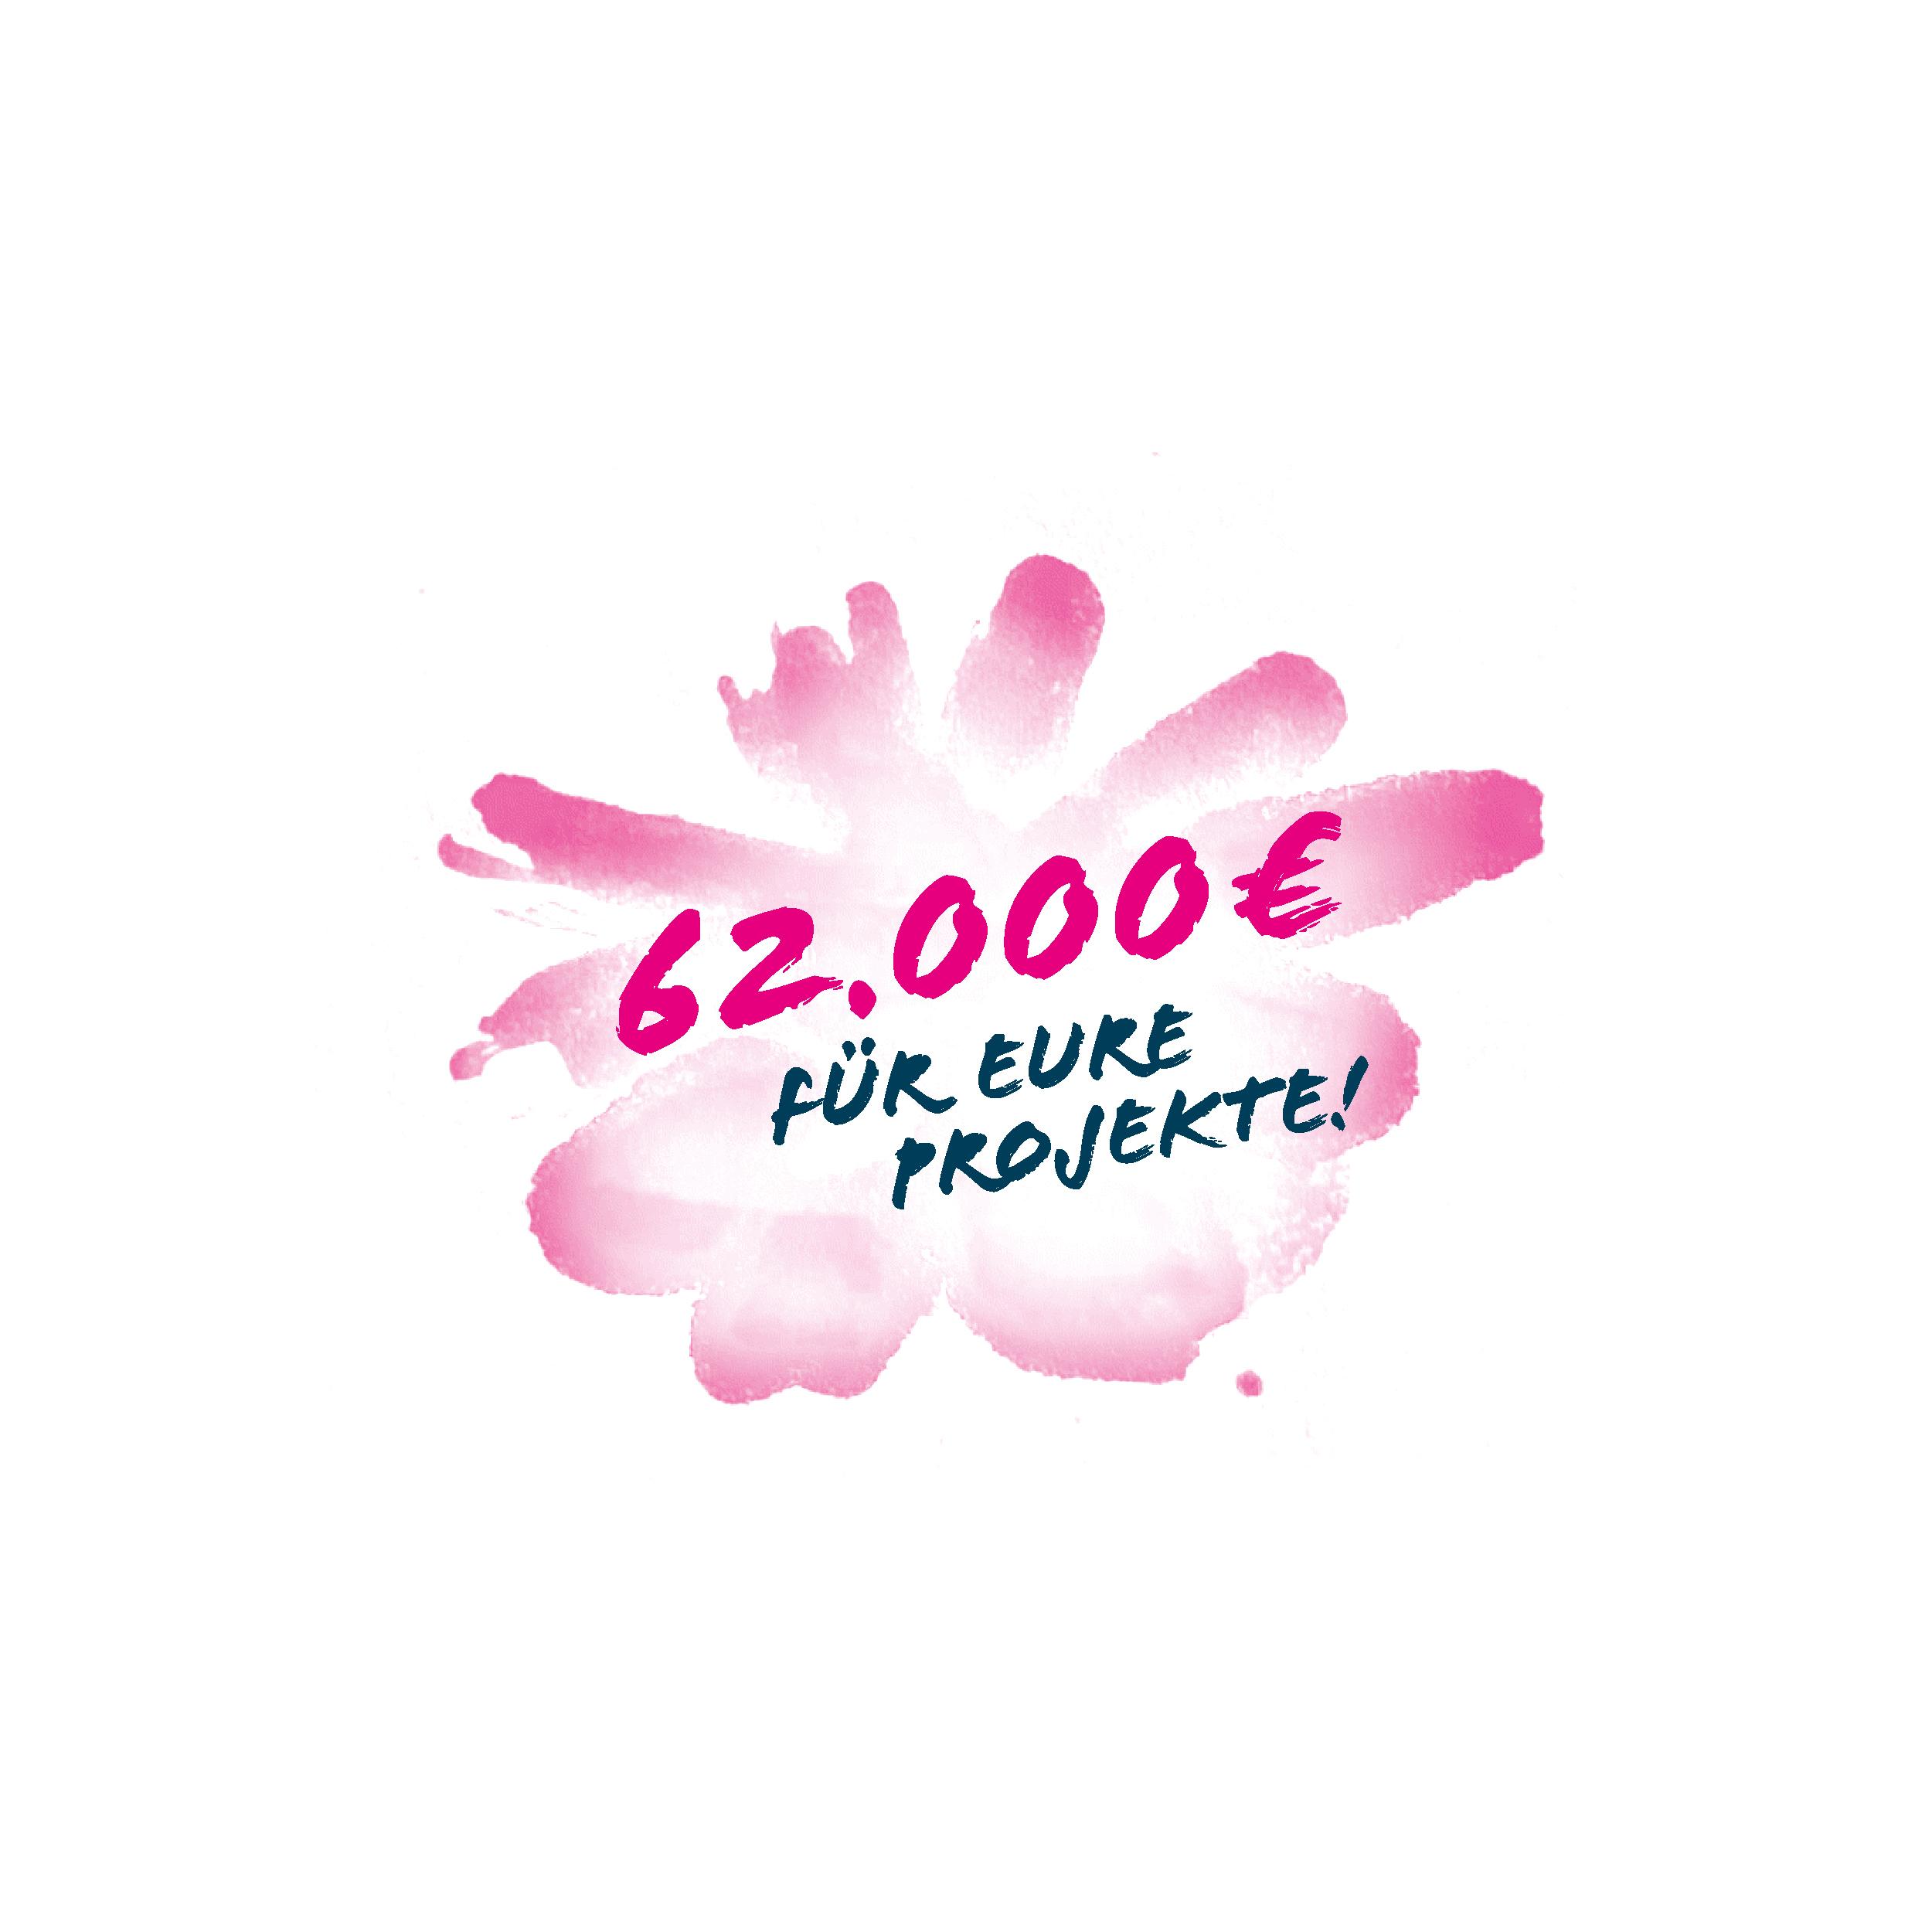 62.000 € für eure Projekte